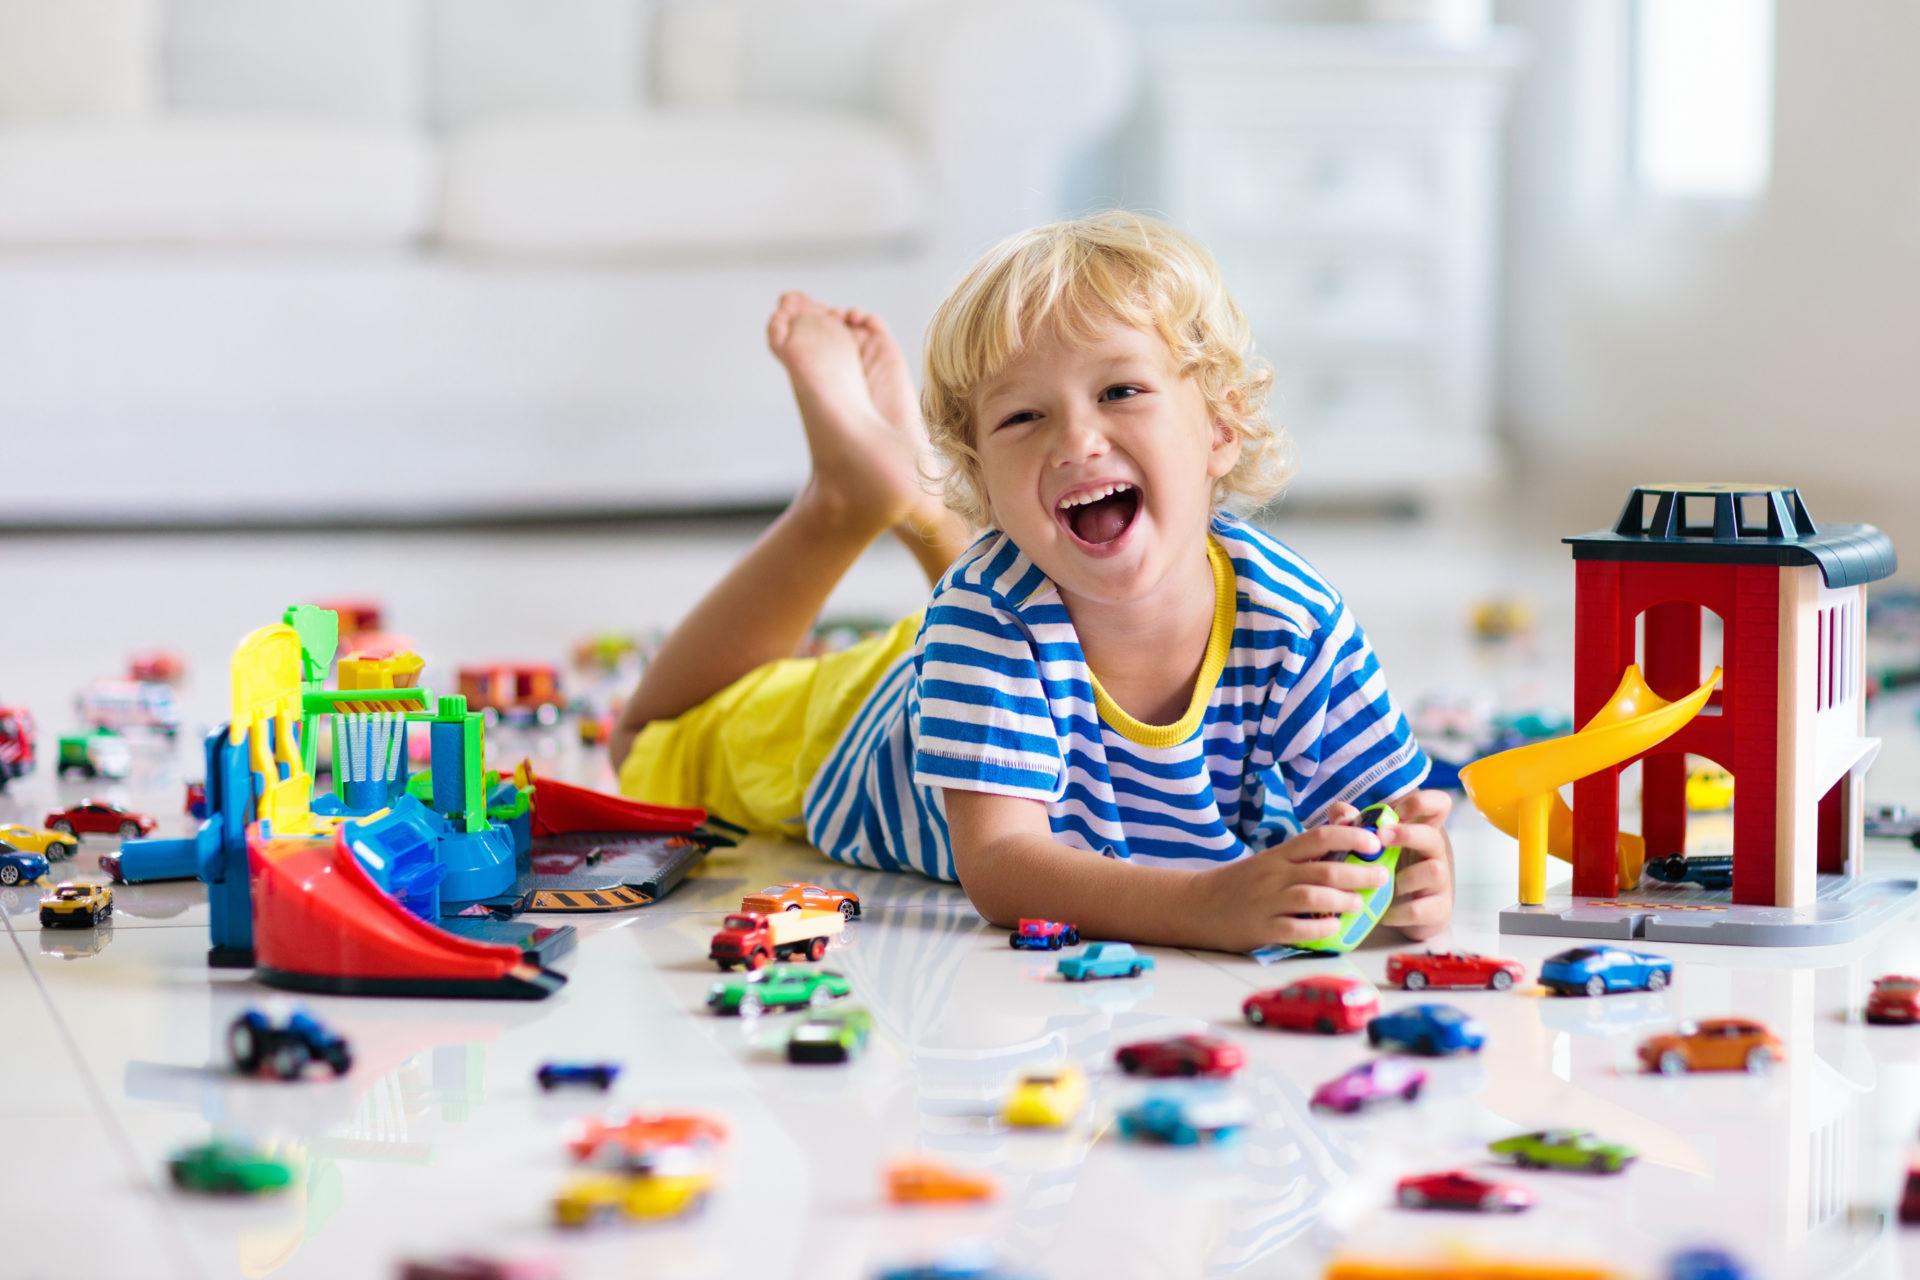 Jeu Eveil Enfant, Jouet Eveil Enfant, Cadeau D'eveil Pour encequiconcerne Jeux Pour Enfant De Deux Ans